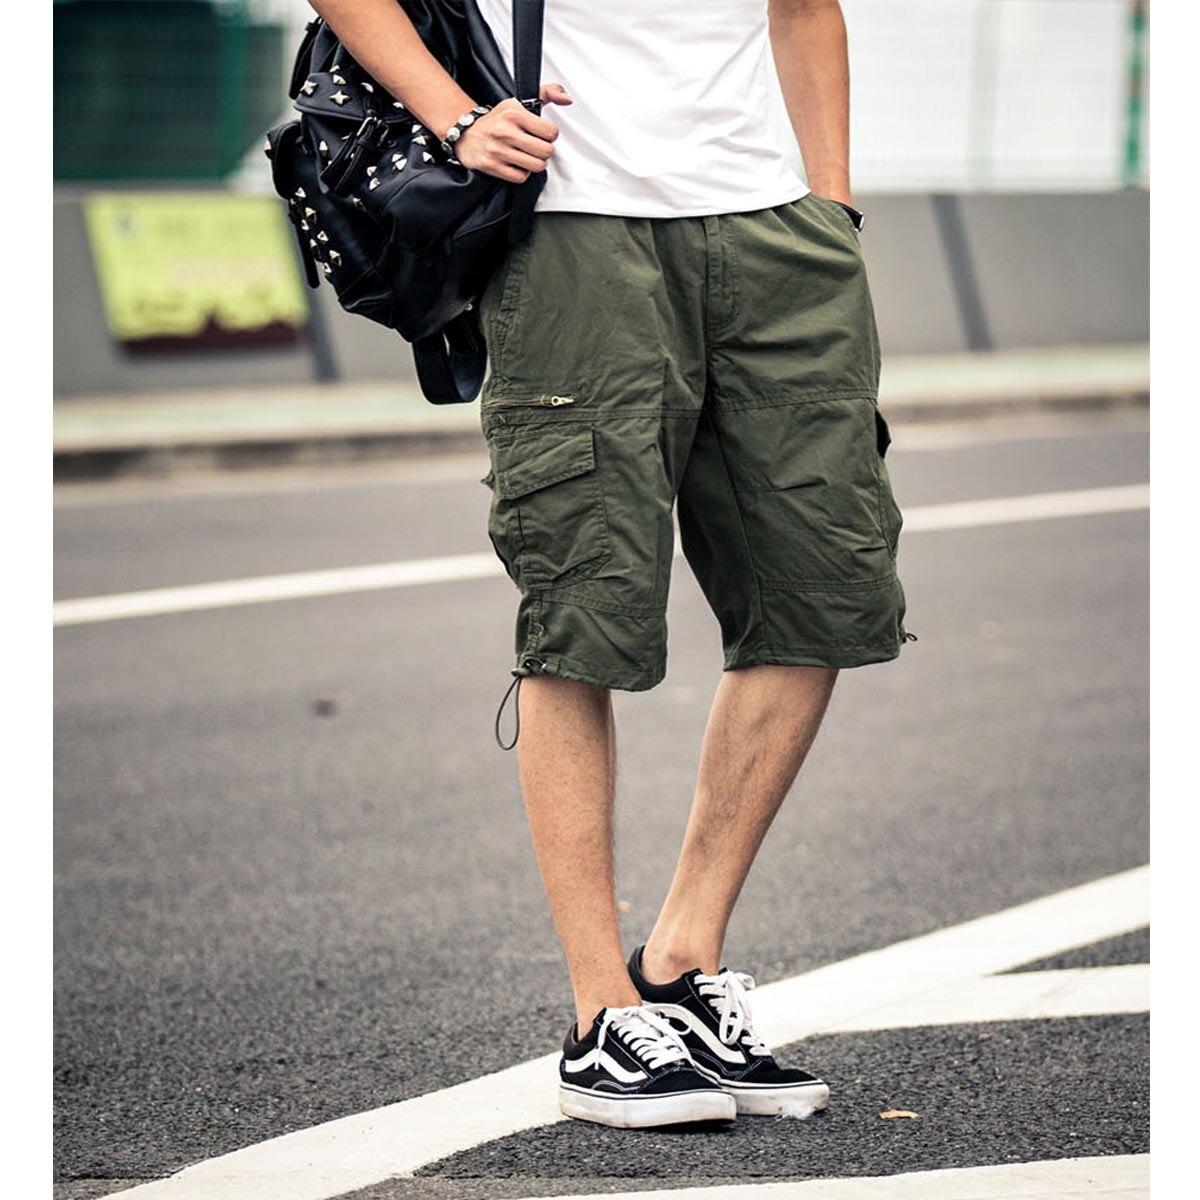 Новые классные Для мужчин S twill Cargo армейские Мотобрюки карман камуфляж Работа Военная Униформа армии Шорты для женщин Для мужчин одежда Для ...